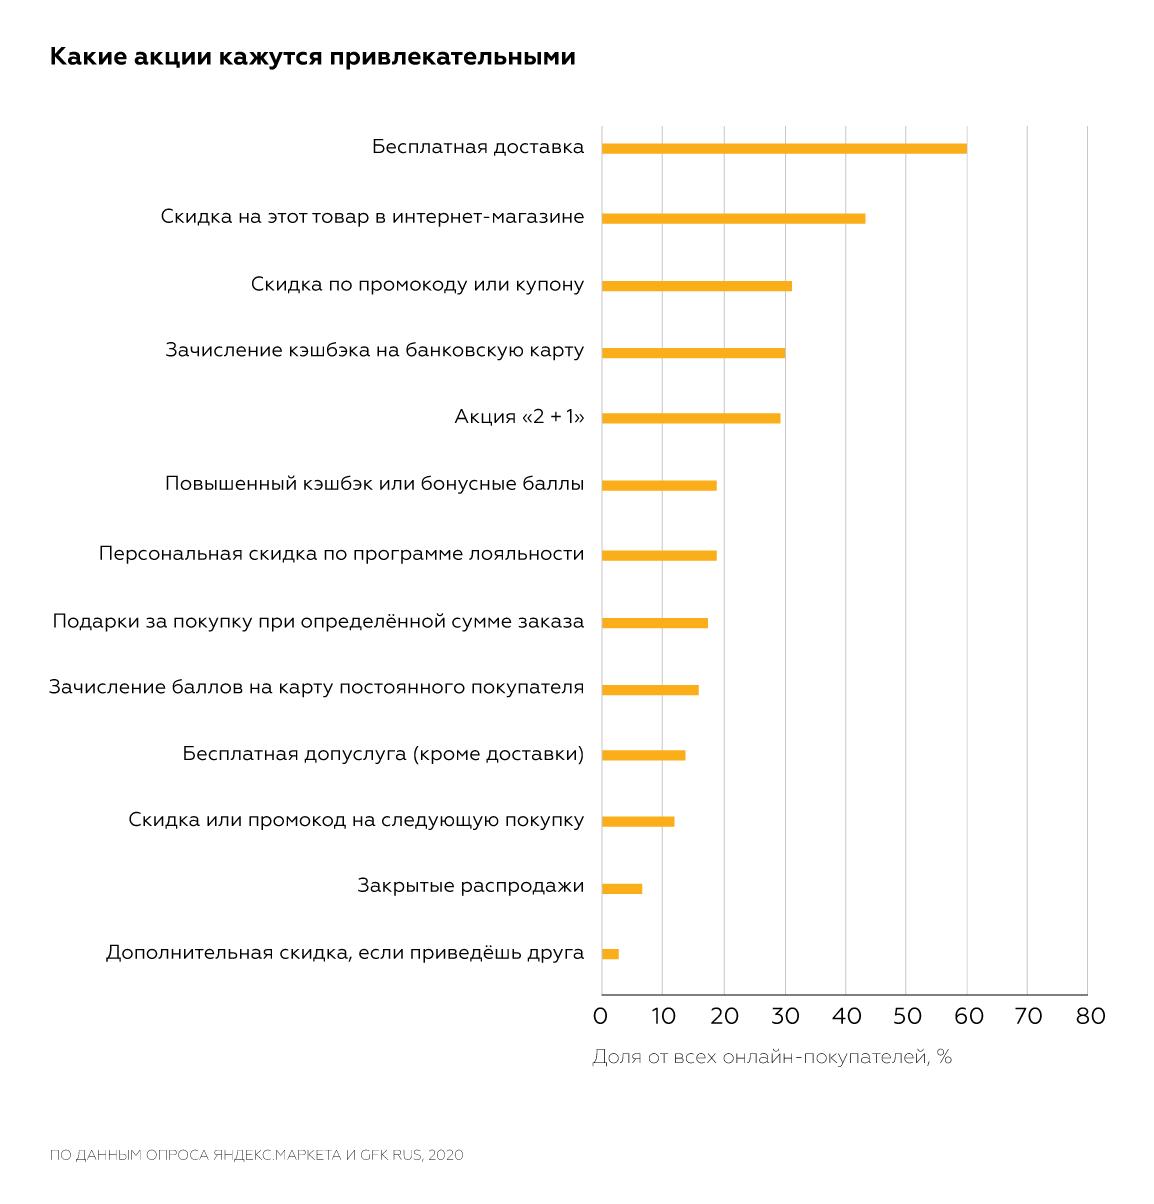 Численность мужчин и женщин по возрастным группам в России на начало 2020 года (моложе трудоспособного возраста, в трудоспособном возрасте, старше трудоспособного возраста)